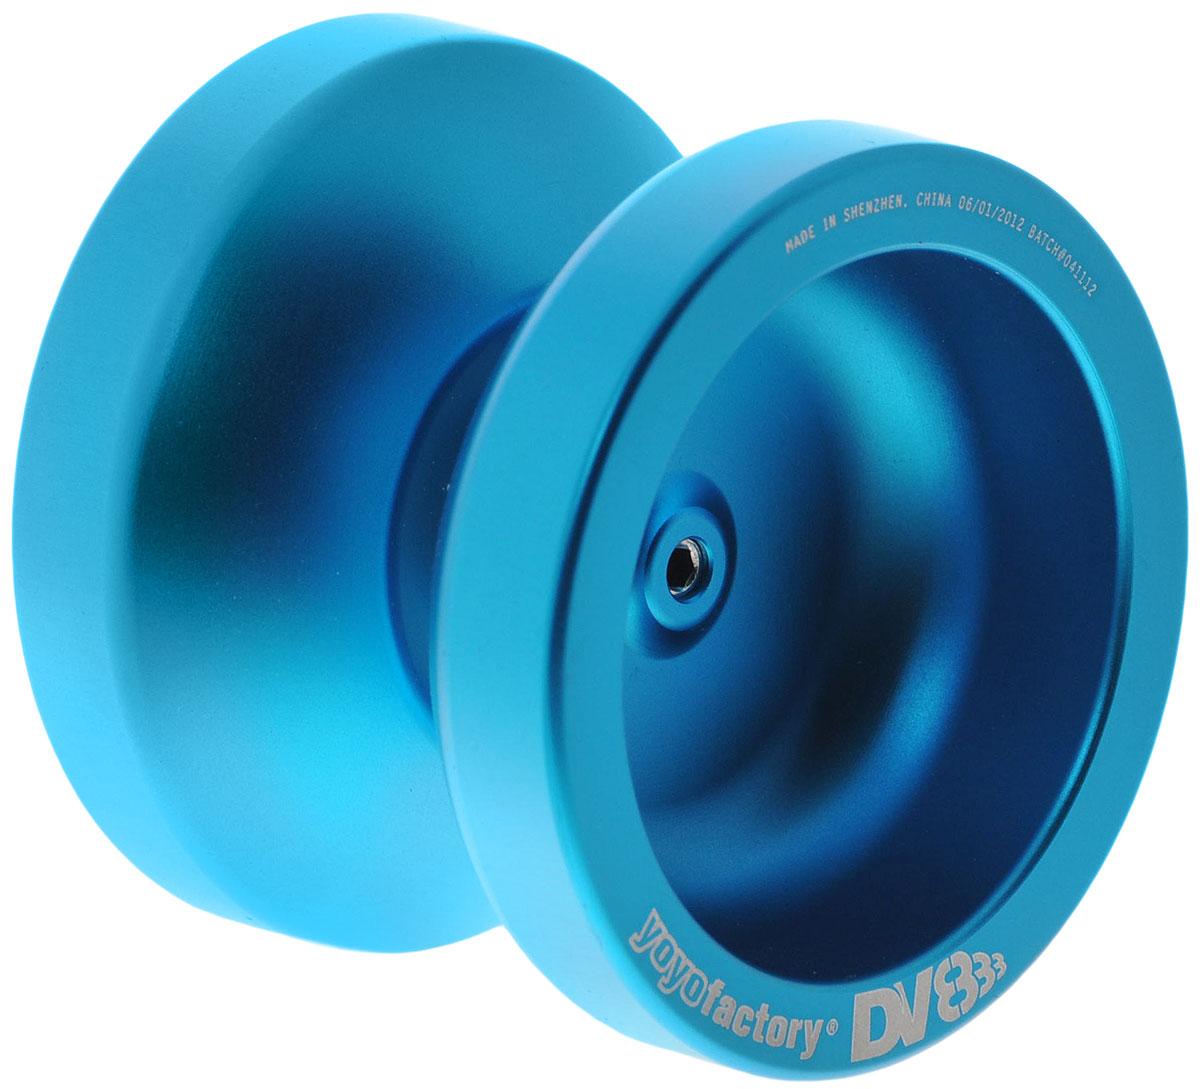 YoYoFactory Йо-йо DV888 цвет голубойYYFDV888_голубойЙо-йо YoYoFactory DV888 ассоциировалось с мастером Марком Монтгомери, выступающим на мировых и национальных соревнованиях. Долгие годы его любимцем было именно DV8. Спустя многие годы после выхода в свет DV8 компания YoYoFactory выпускает йо-йо вобравшее в себя то, чем так запомнилось многим то самое легендарное творение. Объединив в названии DV8 и самое продаваемое йо-йо 2007 года - 888. Йо-йо - это игрушка, состоящая из двух симметричных половинок соединенных осью, к которой прикреплена веревка. Современный йо-йо значительно отличается от тех, к которым многие привыкли. Сейчас йо-йо - это такая же часть молодежной культуры как скейт, ВМХ или сноуборд. Йо-йо популярно во многих странах мира, таких как Россия, США и Япония. Ежегодно во всем мире проходят различные чемпионаты по игре с йо-йо, в том числе и Чемпионат России, в котором собираются лучшие игроки со всей страны.